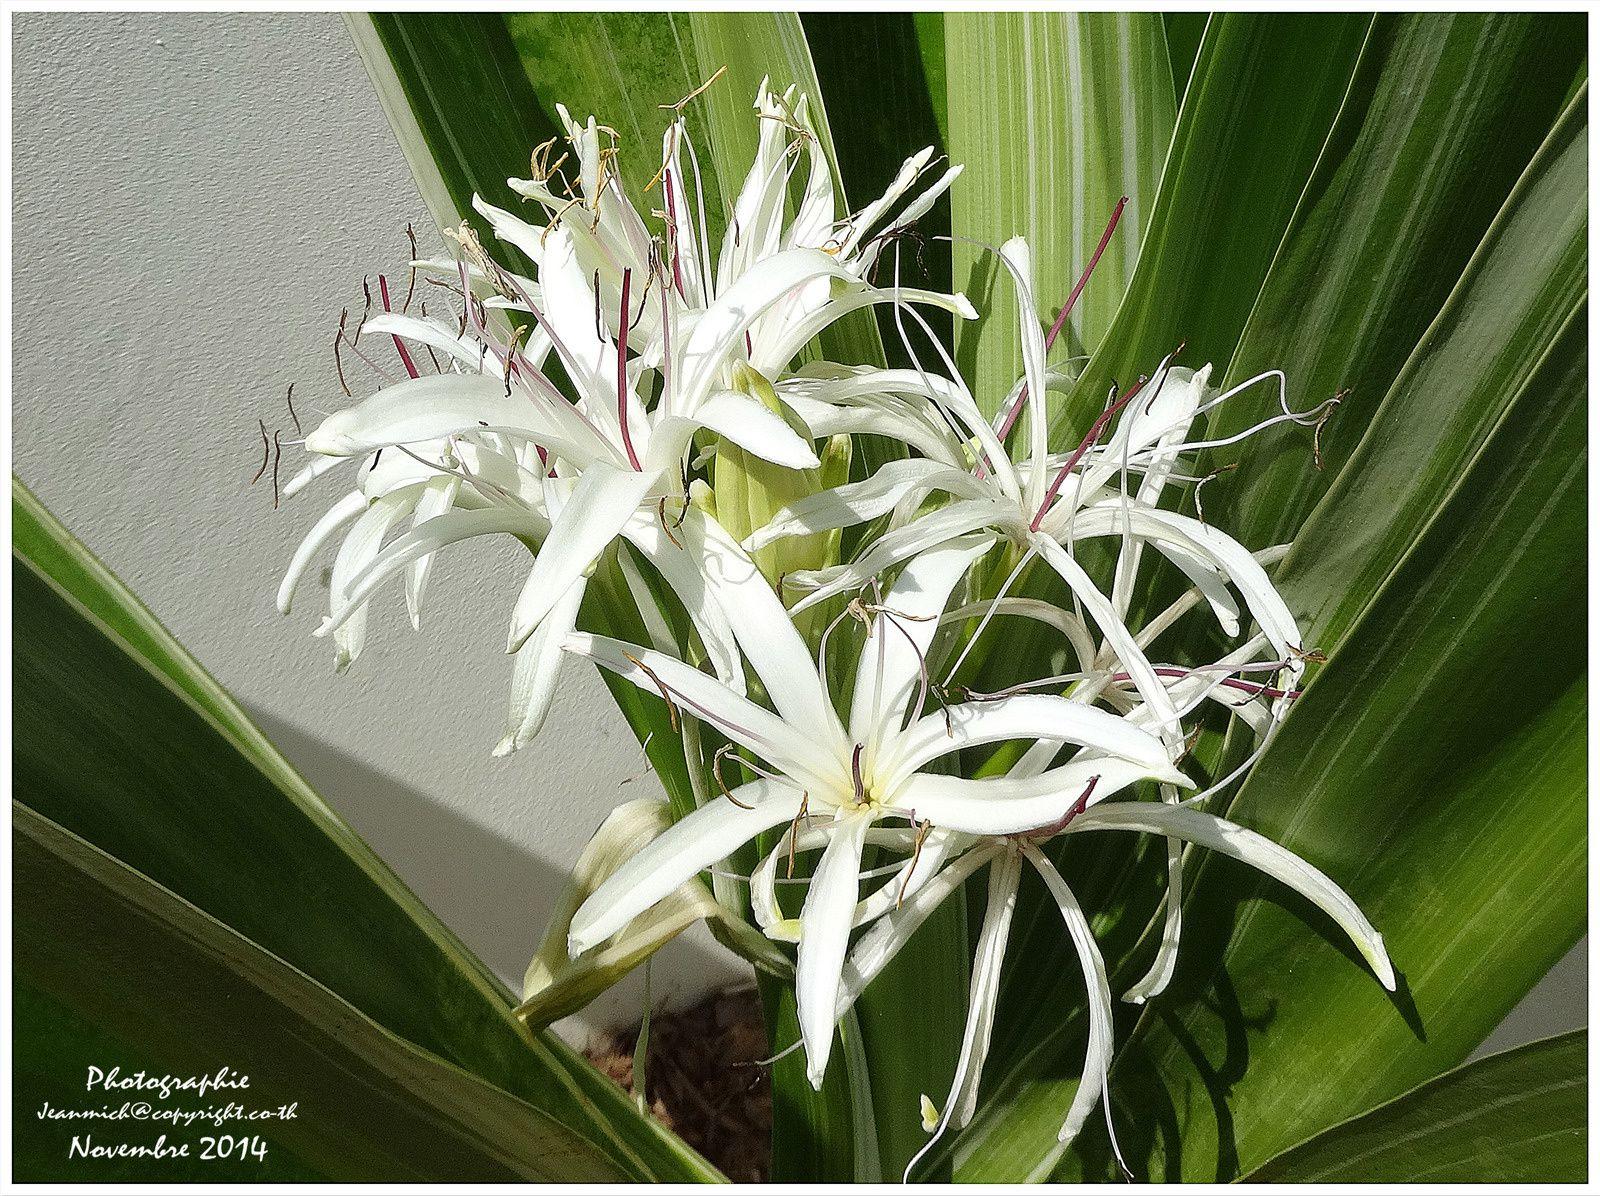 Lys du Bengale, magnifique plante en pleine floraison.